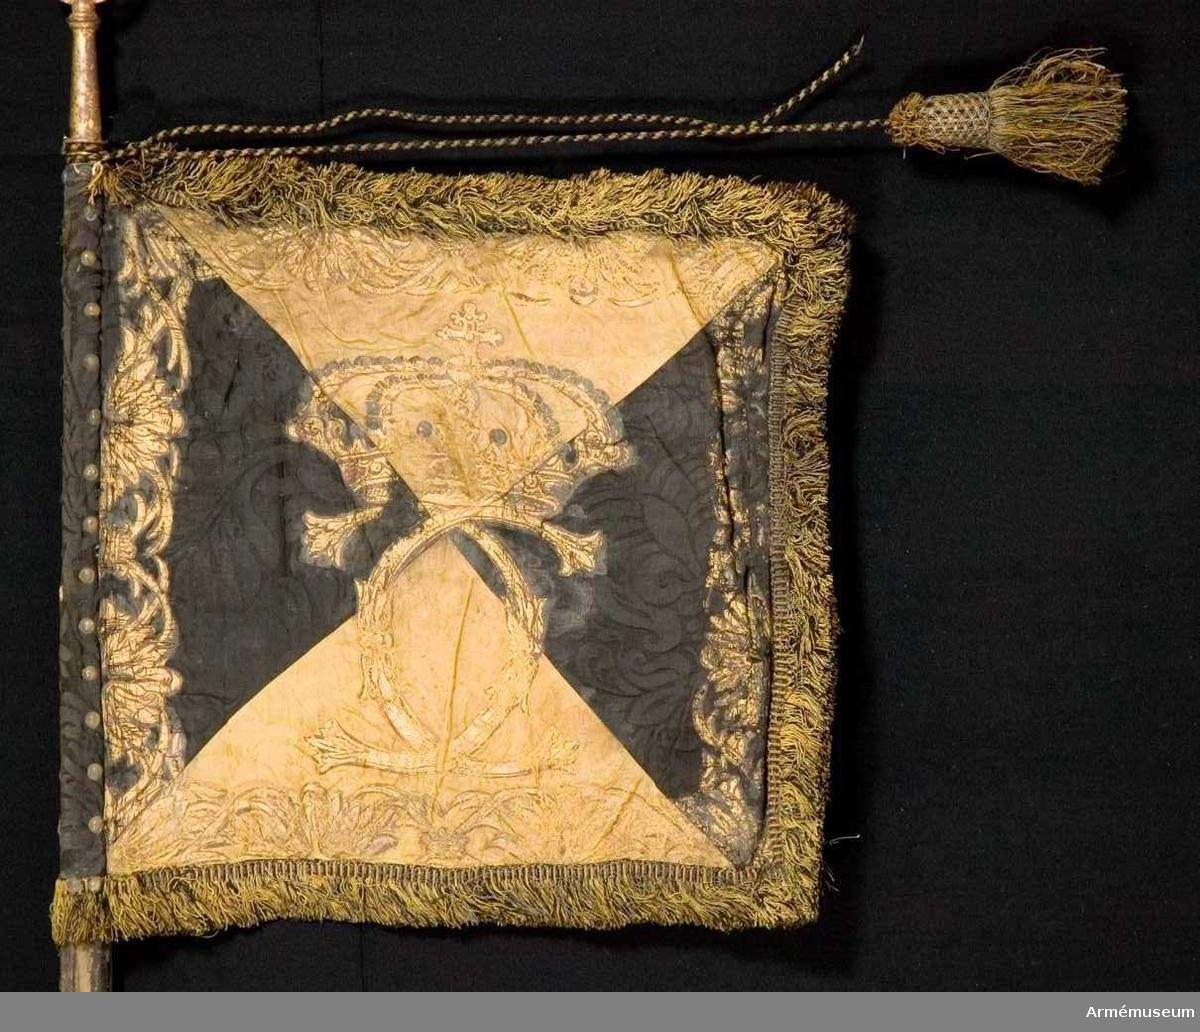 Duk: Tillverkad av dubbel sidendamast, fyrstyckad i gult och svart. Fodrad med grov lärft. Duken fäst med tre rader tennlikor runt stången. Obs! dock ej på några band.  Dekor: Målad på utsidan upprätt lejon, nedre halvan svart (på den svarta duken grå), den övre i brunskuggat guld, följt av två gyllene sexuddiga stjärnor (Västergötlands vapen); bårder längs kanten av stiliserade bladverk, kronor och palmkvistar.  På inre sidan i brunskuggat guld rikt ett dubbelt C krönt av sluten, stor krona med pärlor i silver och stenari rätt och grönt; bården längs kanten lik yttre sidans.  Frans: Dubbel, tillverkad av svart och gult silke, metalltråd.   Stång:  Tillverkad av trä, kanellerad, dovt grönmålad; löpande bärring; nedanför greppet en extra förlängning; holk och spets av förgylld mässing, spetsen med dubbelt C krönt av en öppan krona.  Banderoller av svart och gult silke, endast en tofs kvar.